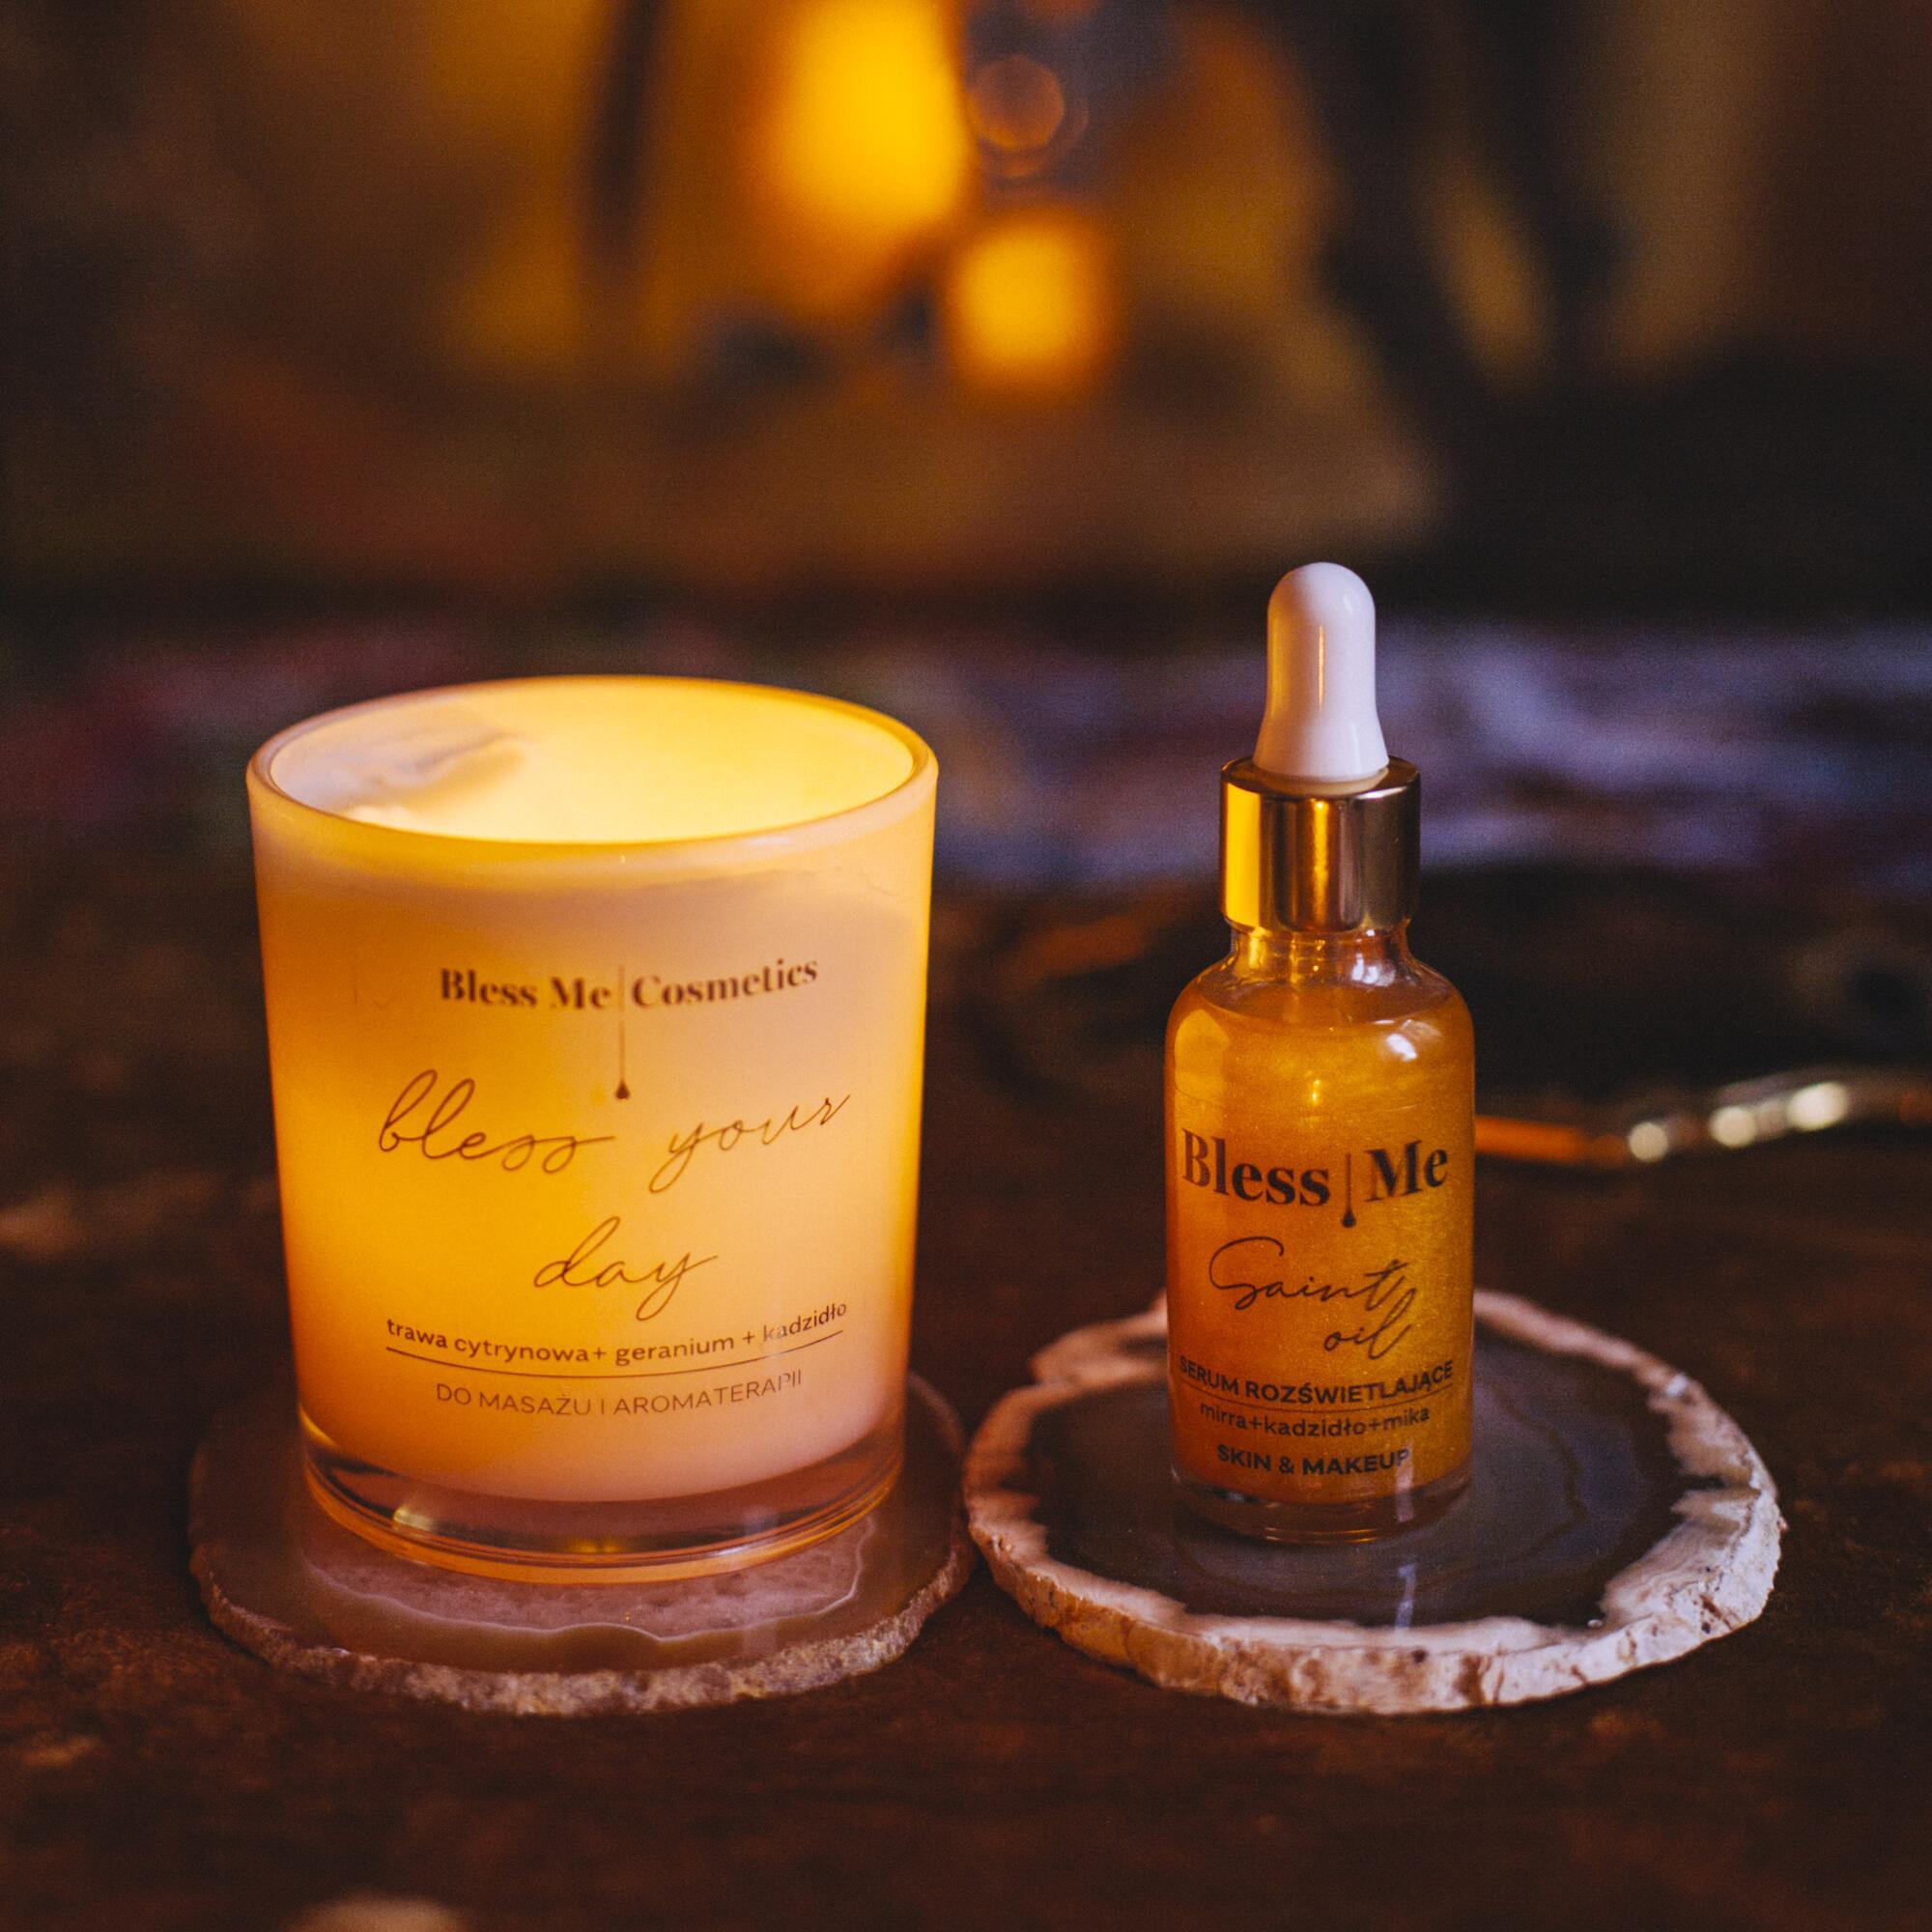 Zestaw: Serum Rozświetlające Saint Oil 30 ml SKIN & MAKE UP i Świeca Bless Your Day - Bless Me Cosmetics | JestemSlow.pl